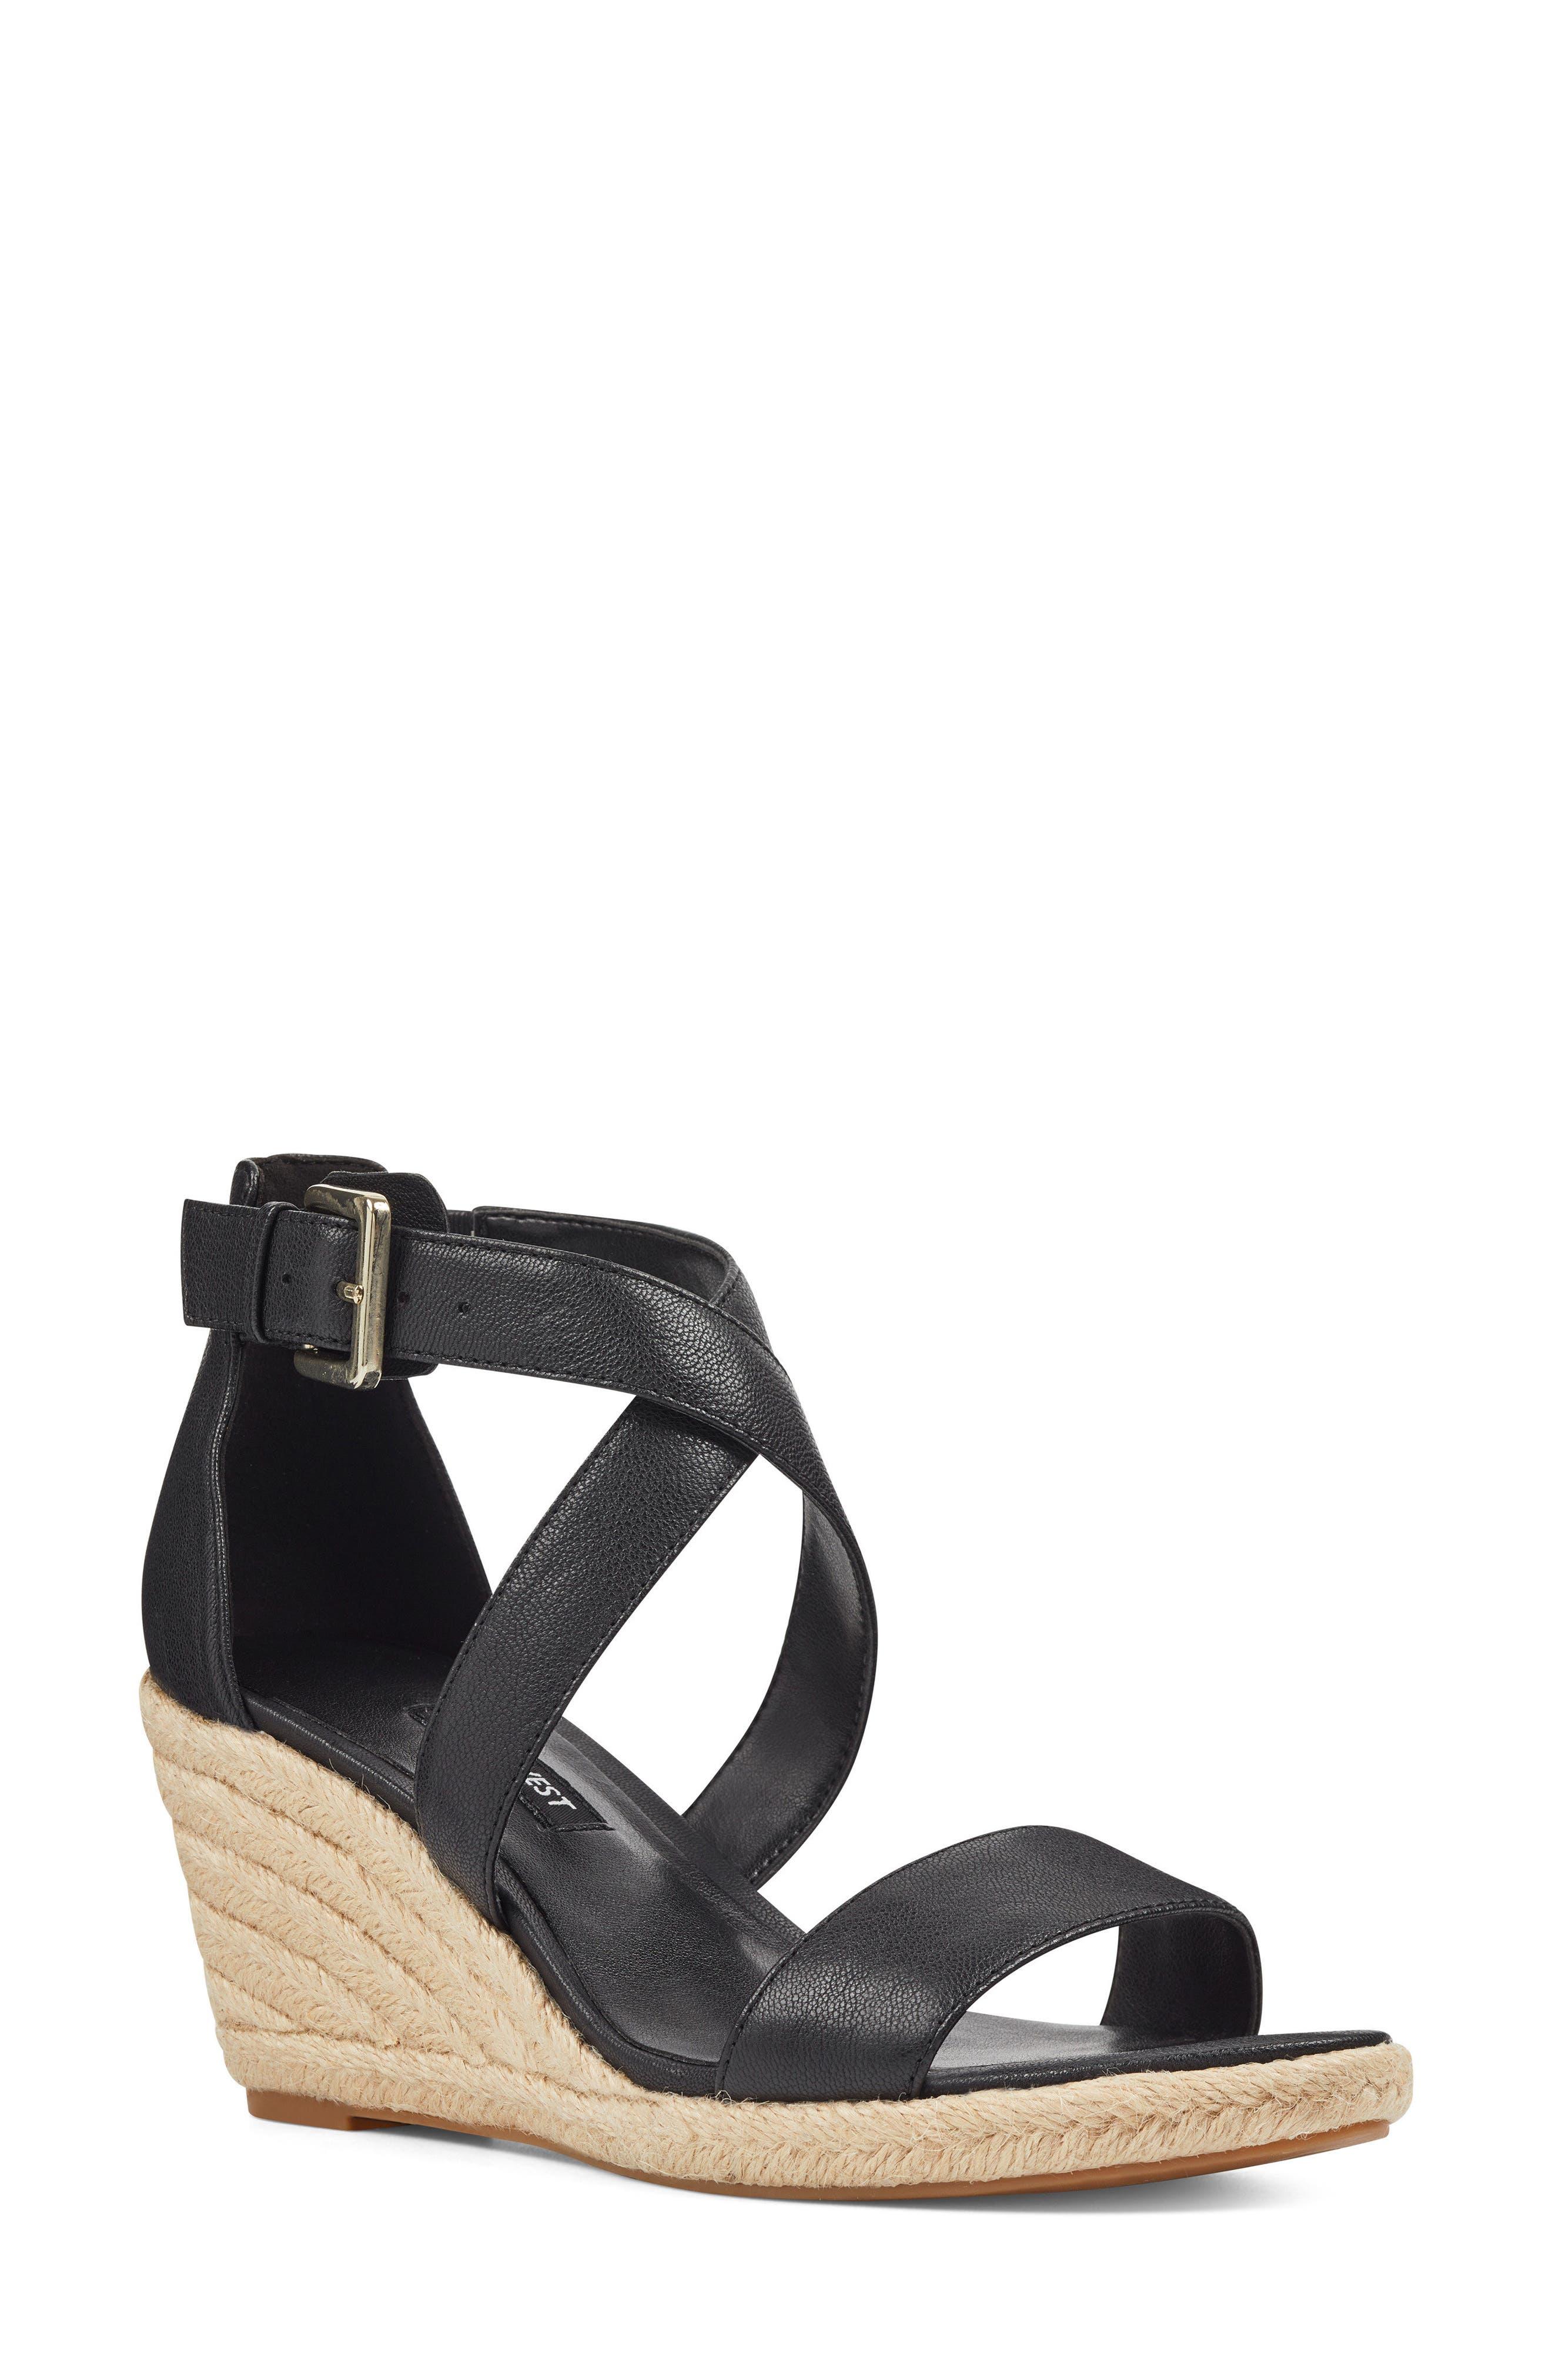 Jorjapeach Espadrille Wedge Sandal,                         Main,                         color, 001